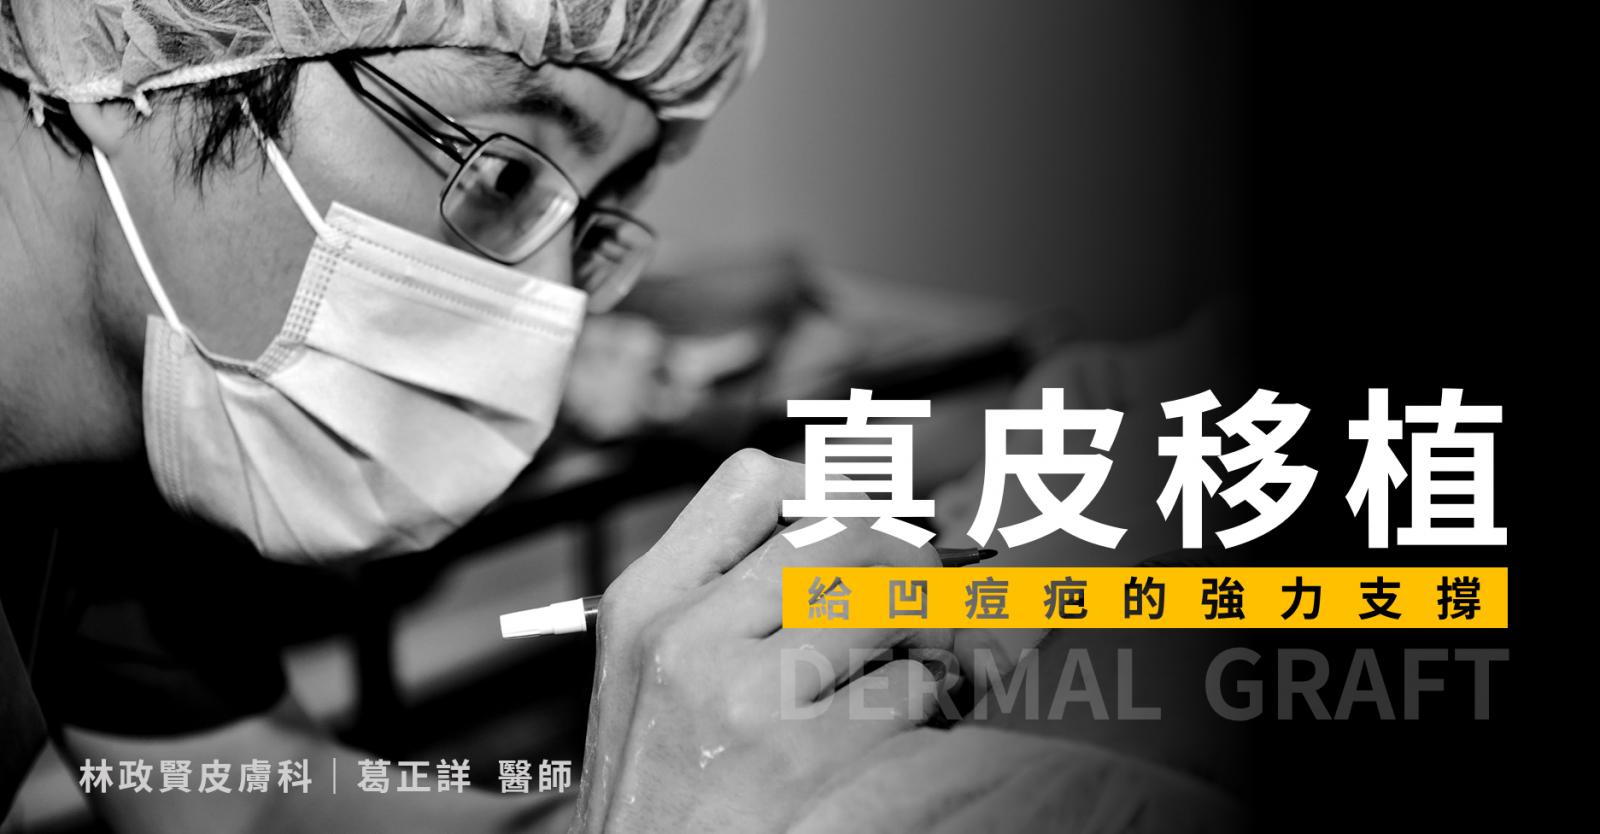 凹痘疤,痘疤坑洞,真皮移植手術,月球表面,葛正詳醫師,高雄林政賢皮膚科診所